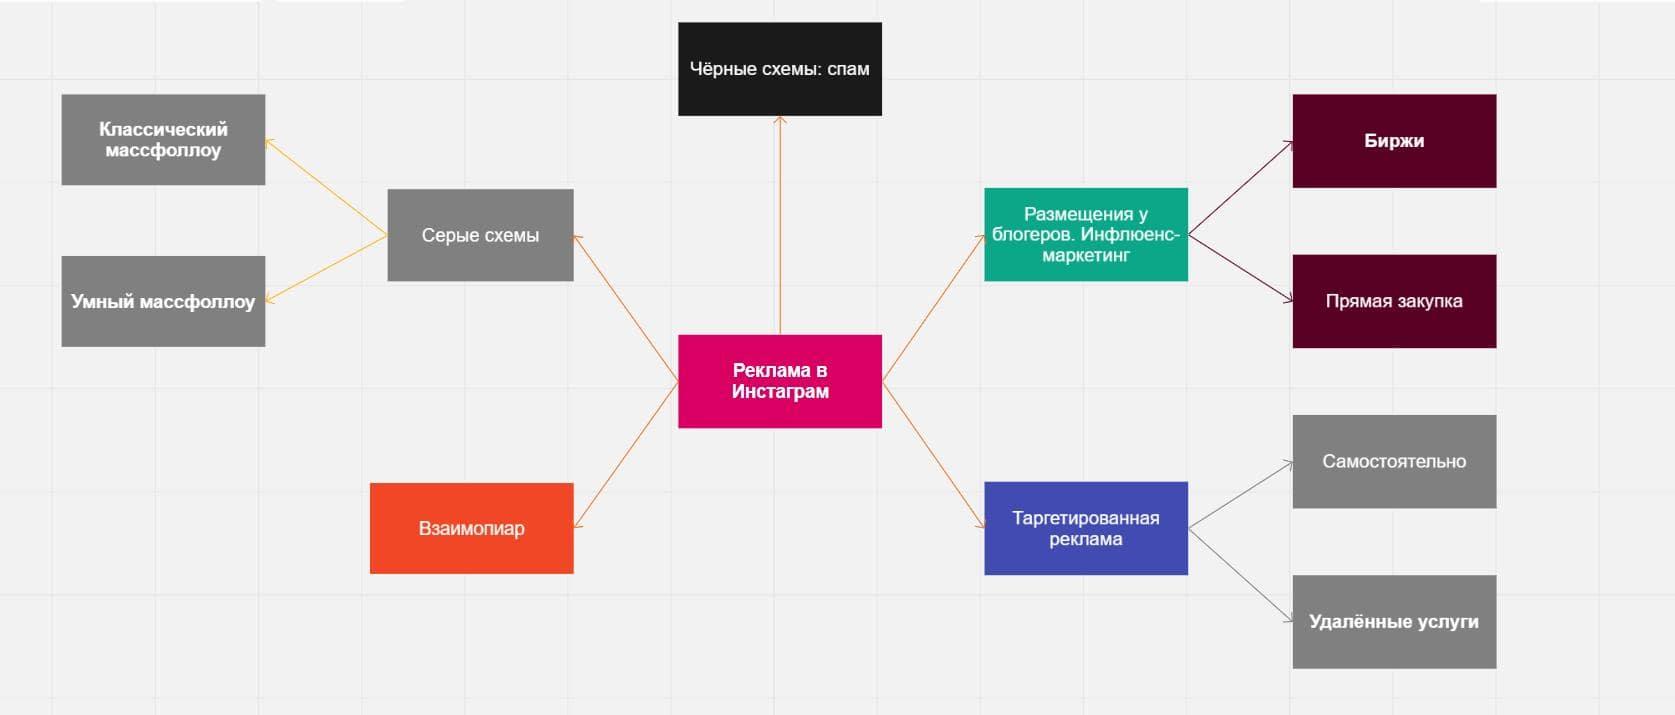 Где и как рекламироваться в инстаграм: схема способов графика